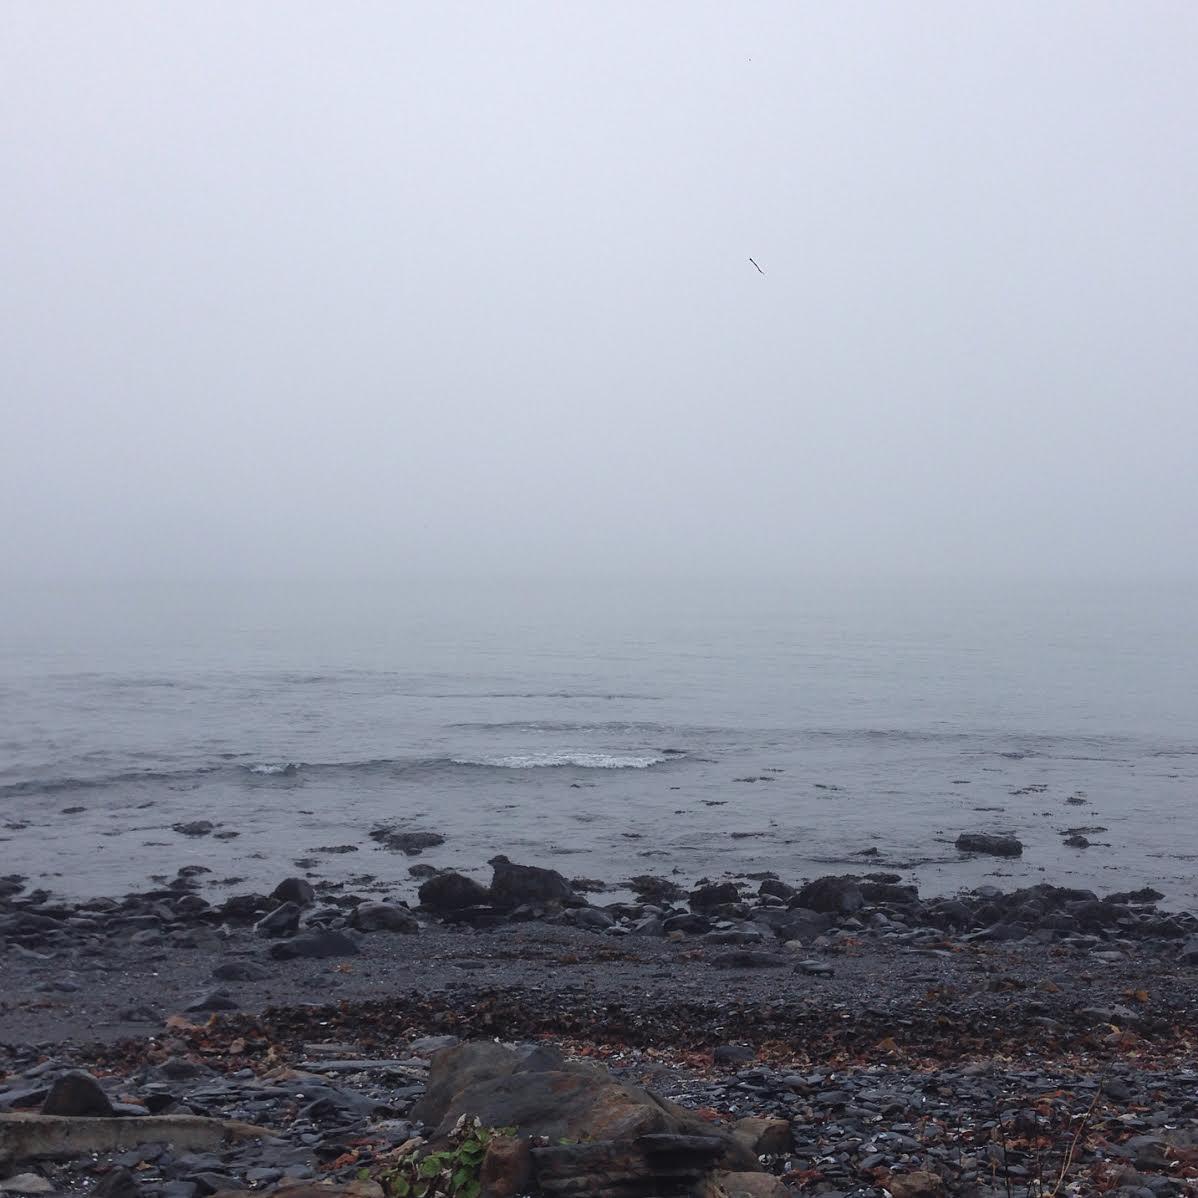 View of the Atlantic Ocean, winter 2017.